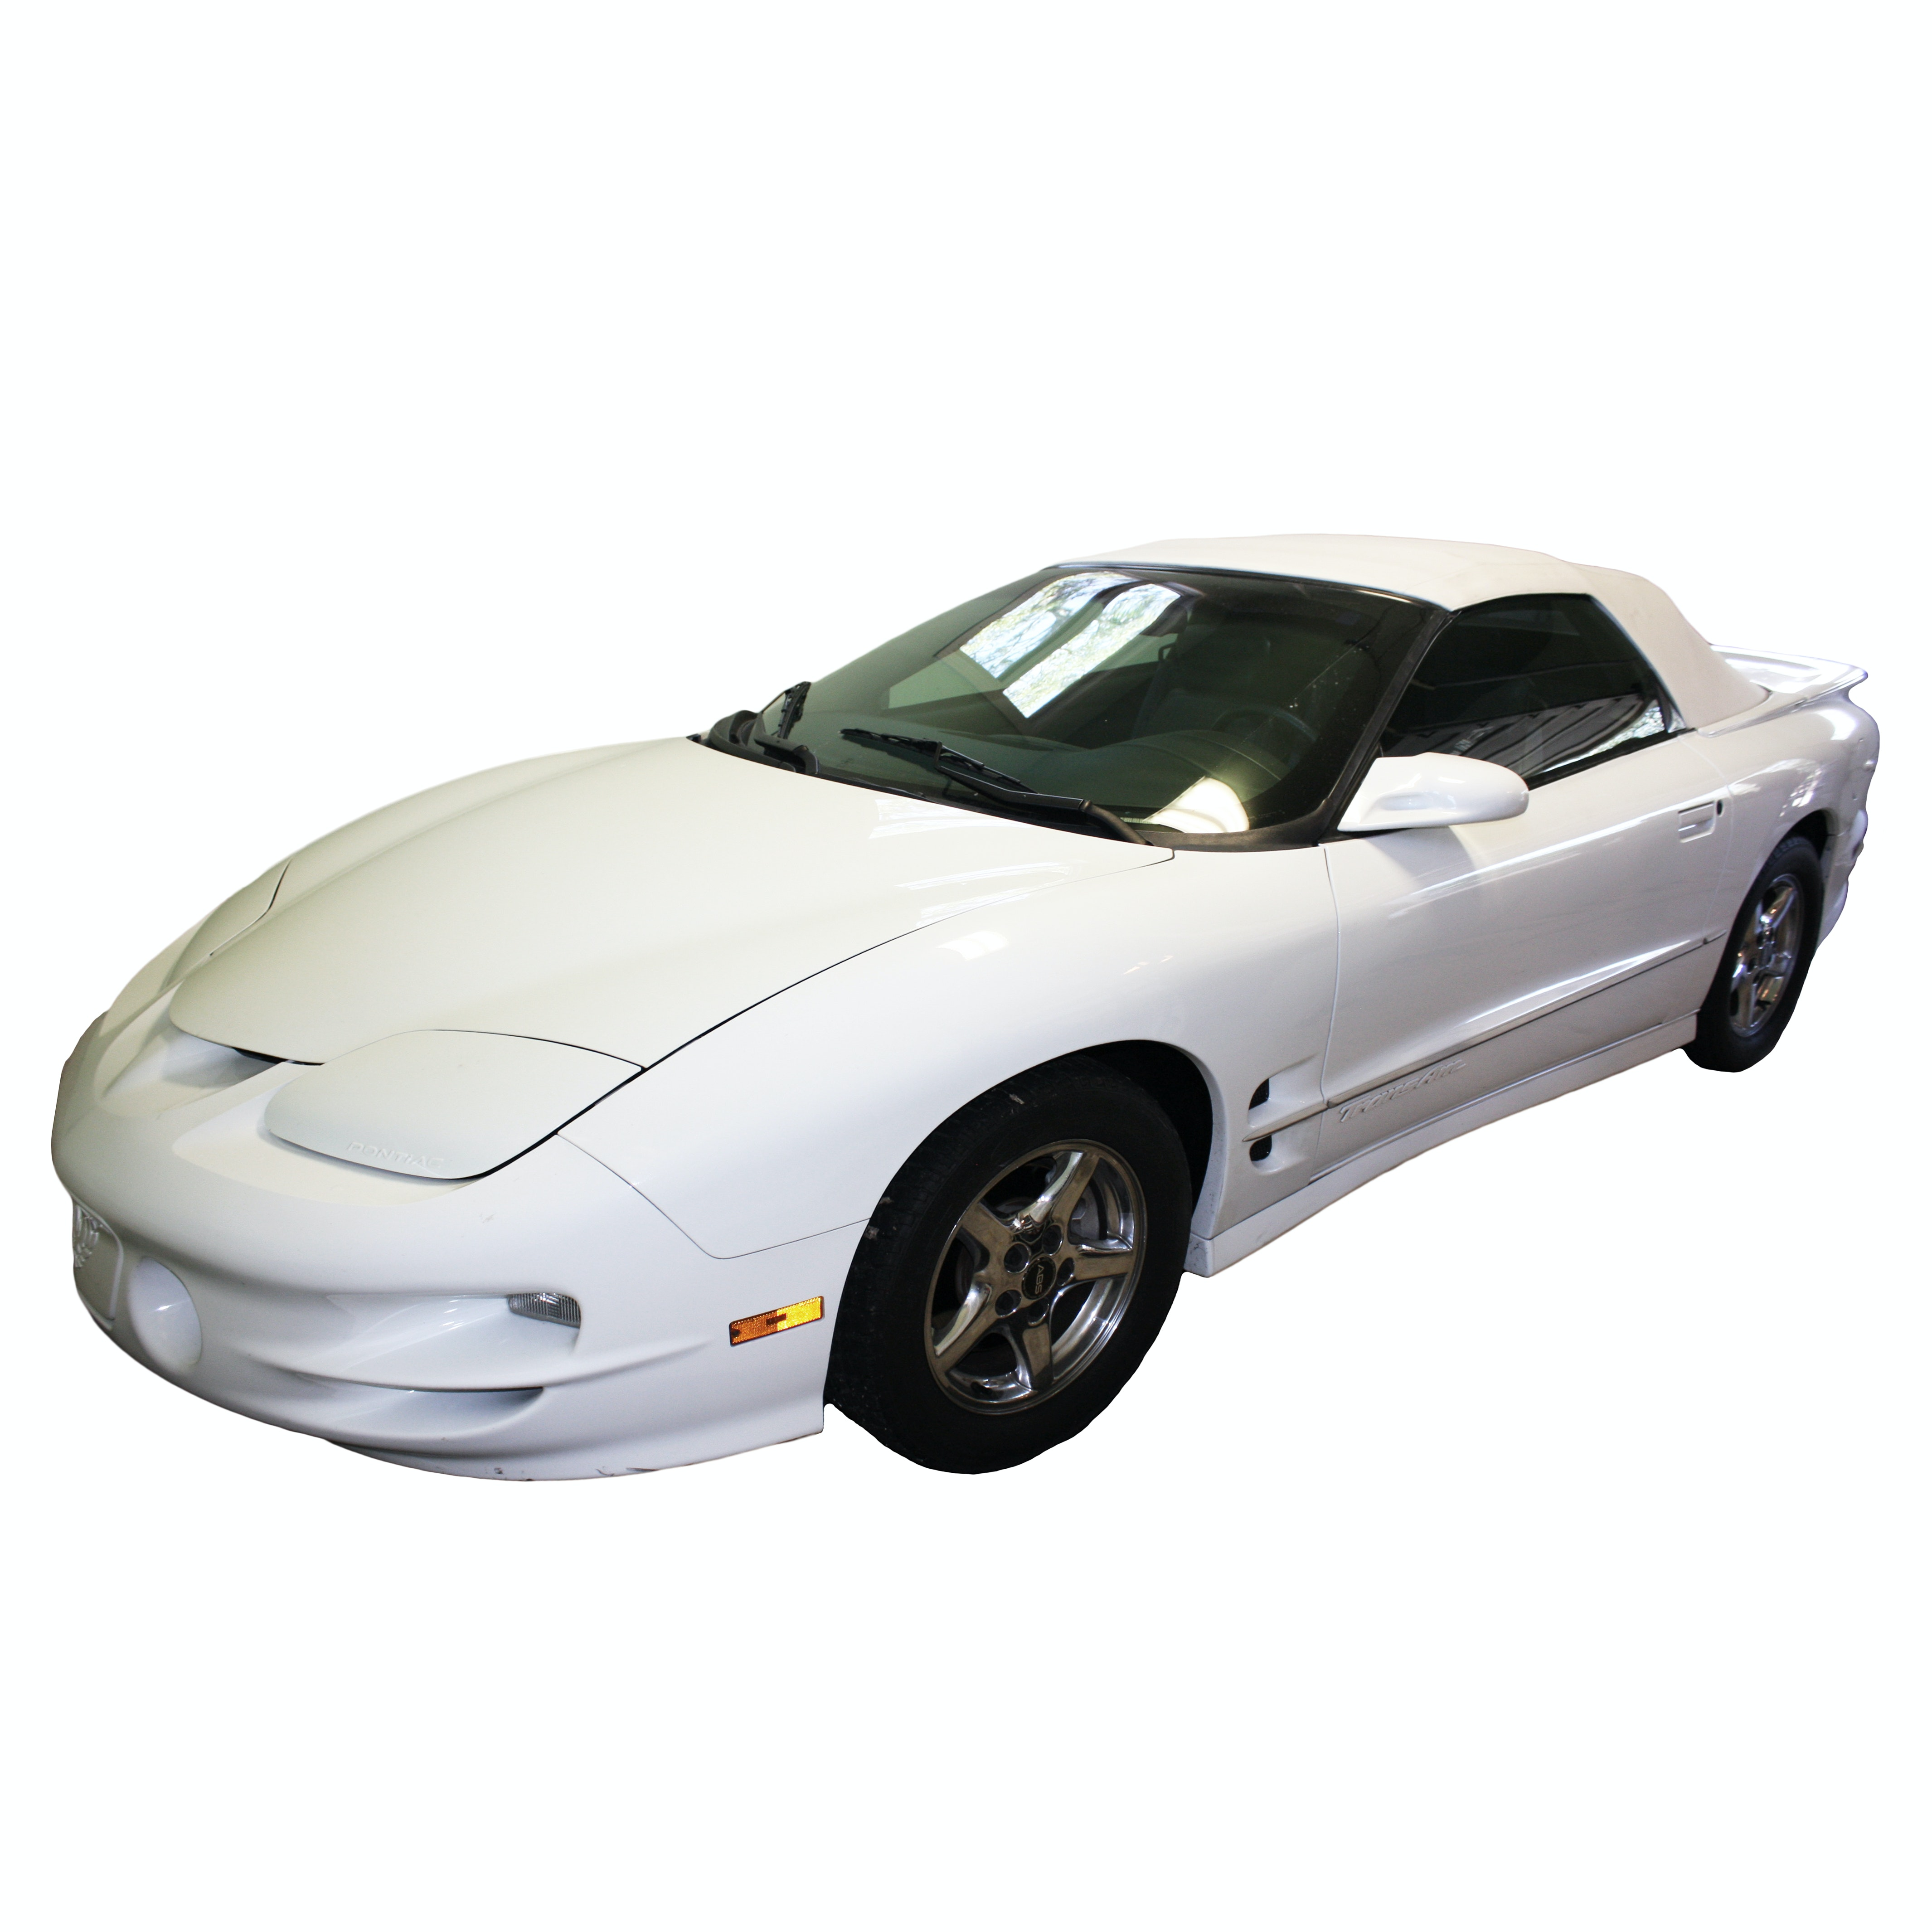 1998 Pontiac Firebird Trans Am